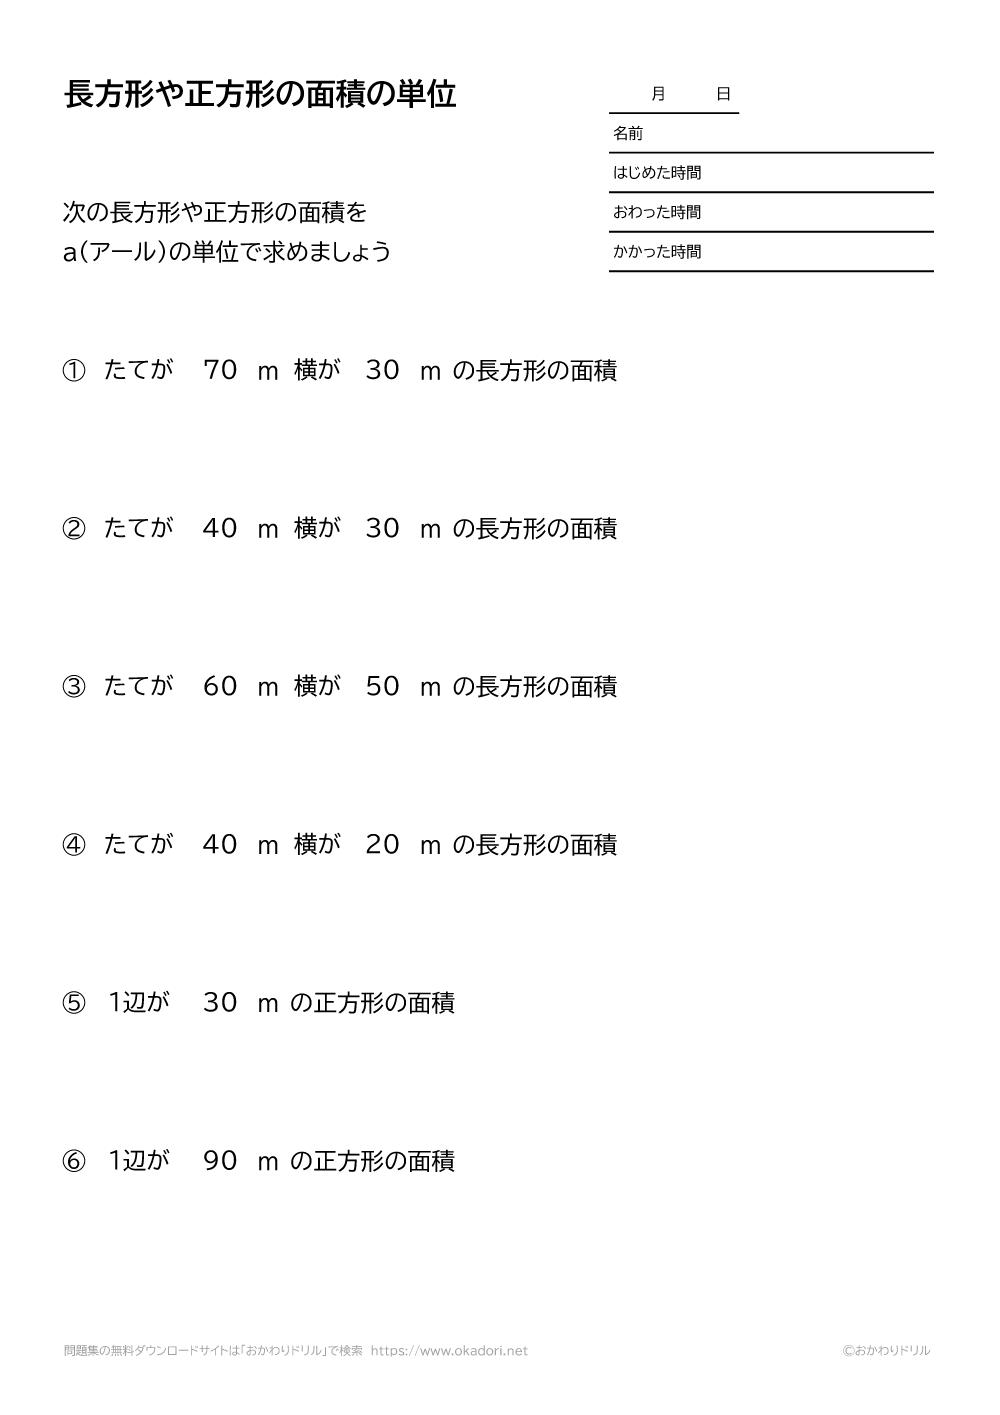 長方形や正方形の面積の単位4